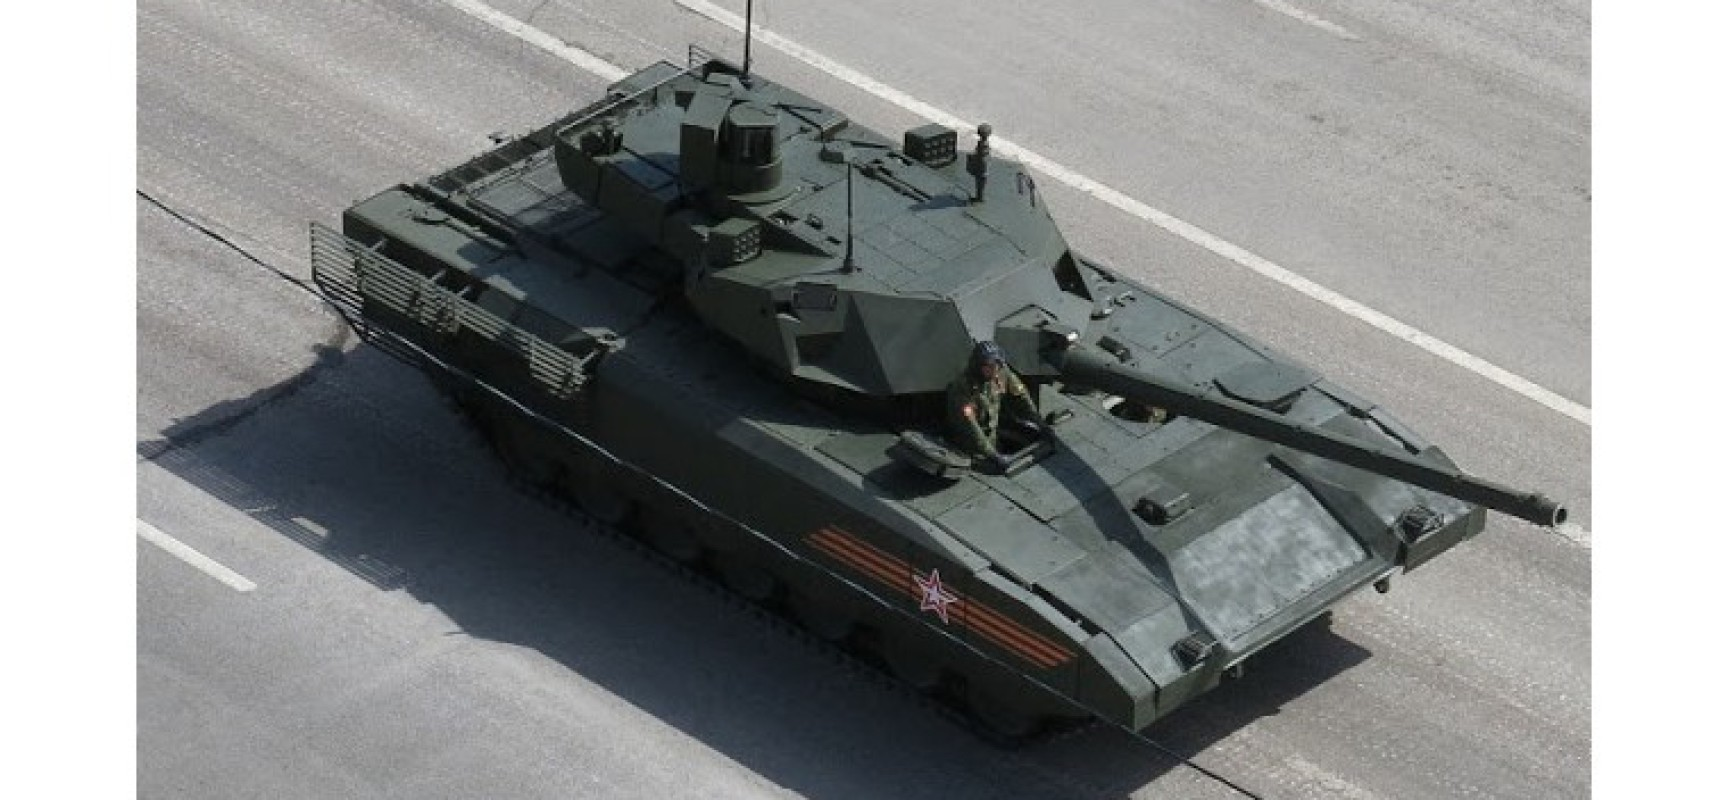 Voici pourquoi l'OTAN a peur du nouveau T-14 Armata russe